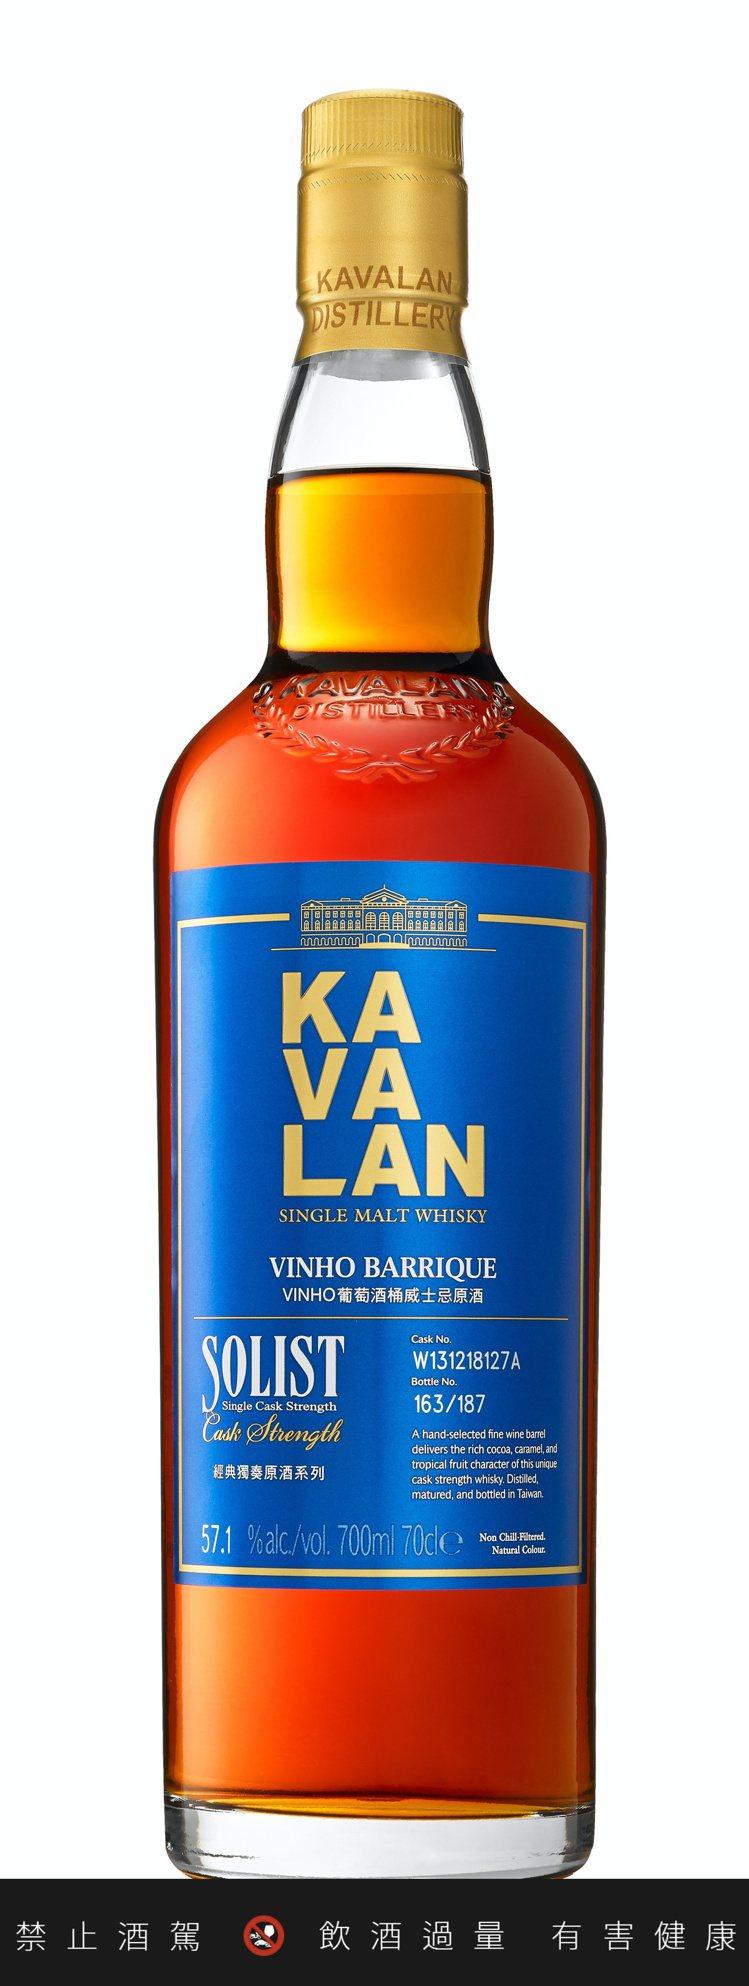 「噶瑪蘭經典獨奏Vinho葡萄酒桶威士忌原酒」,是精湛工藝與藝術完美結合之作,建...